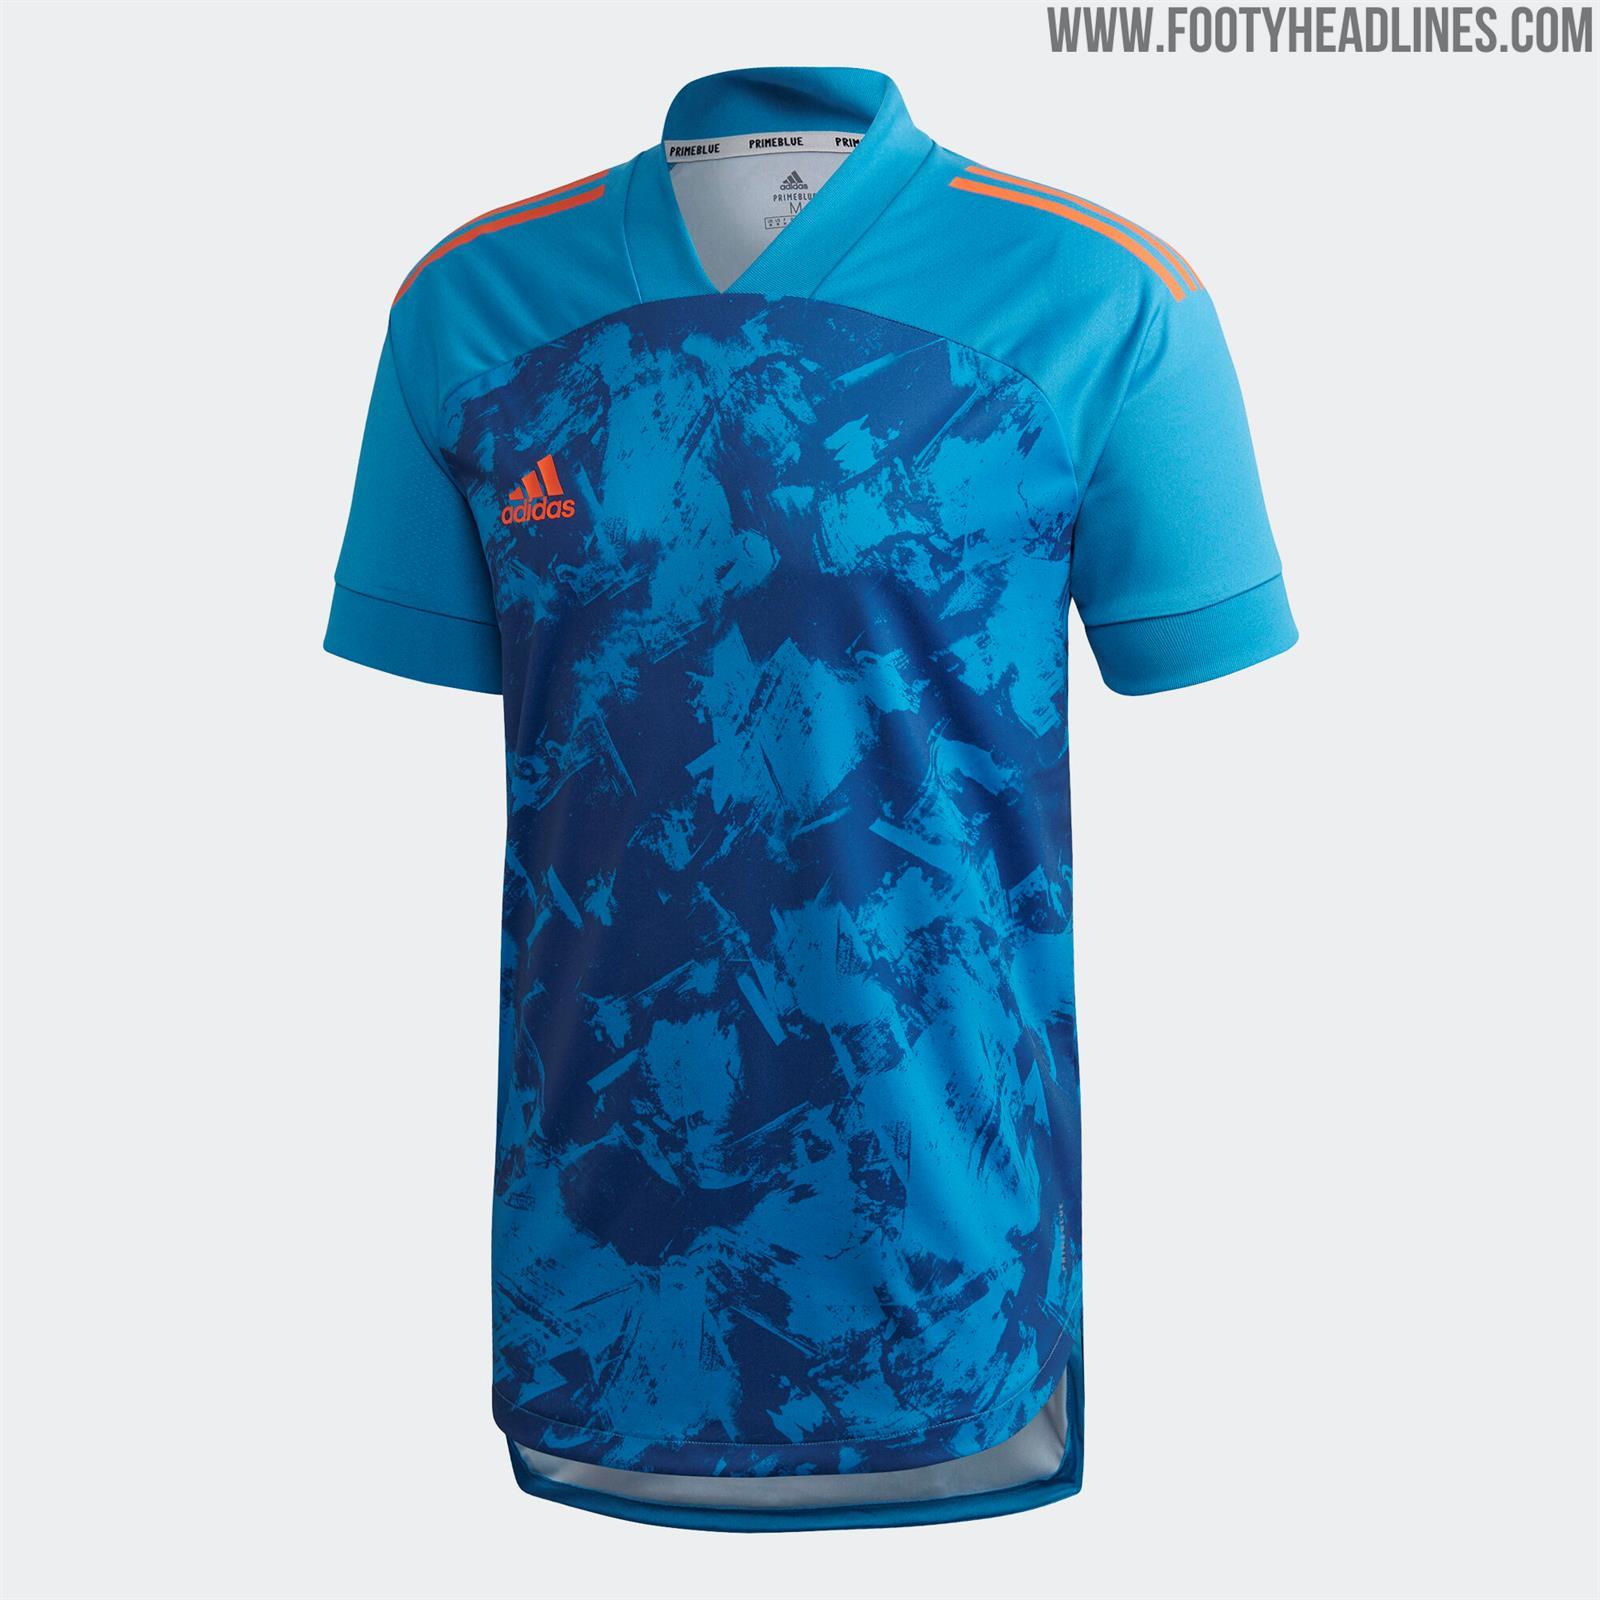 Camisetas de Local, Visitante y Alternativa de Olympiacos 2020-2021